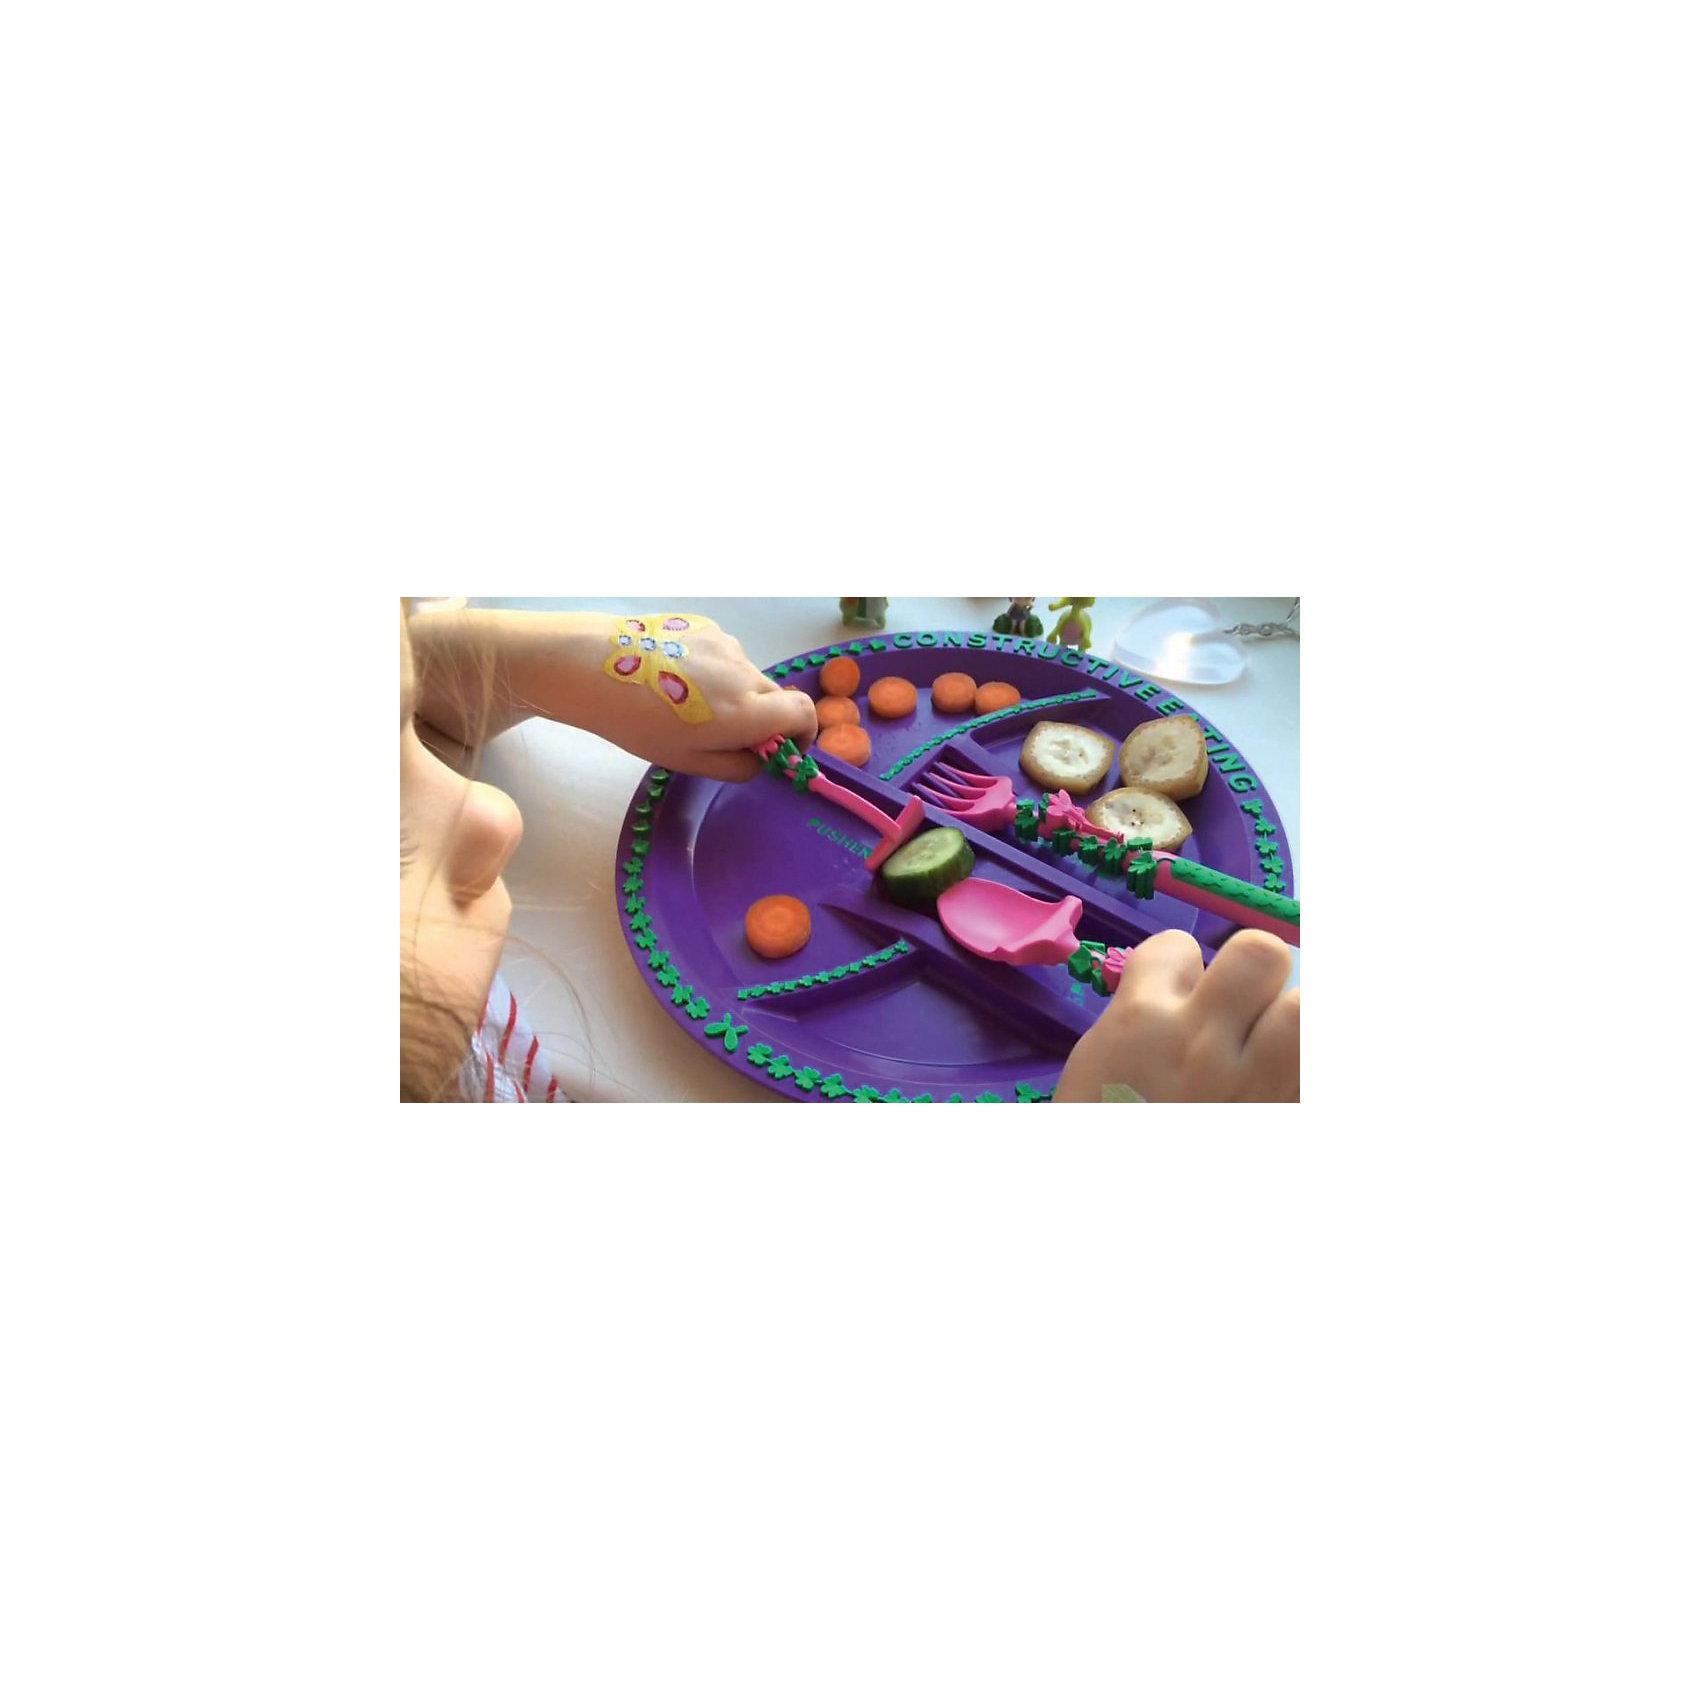 Тарелка Серия Волшебный сад, Constructive Eating, фиолетовый (Constructive eating)